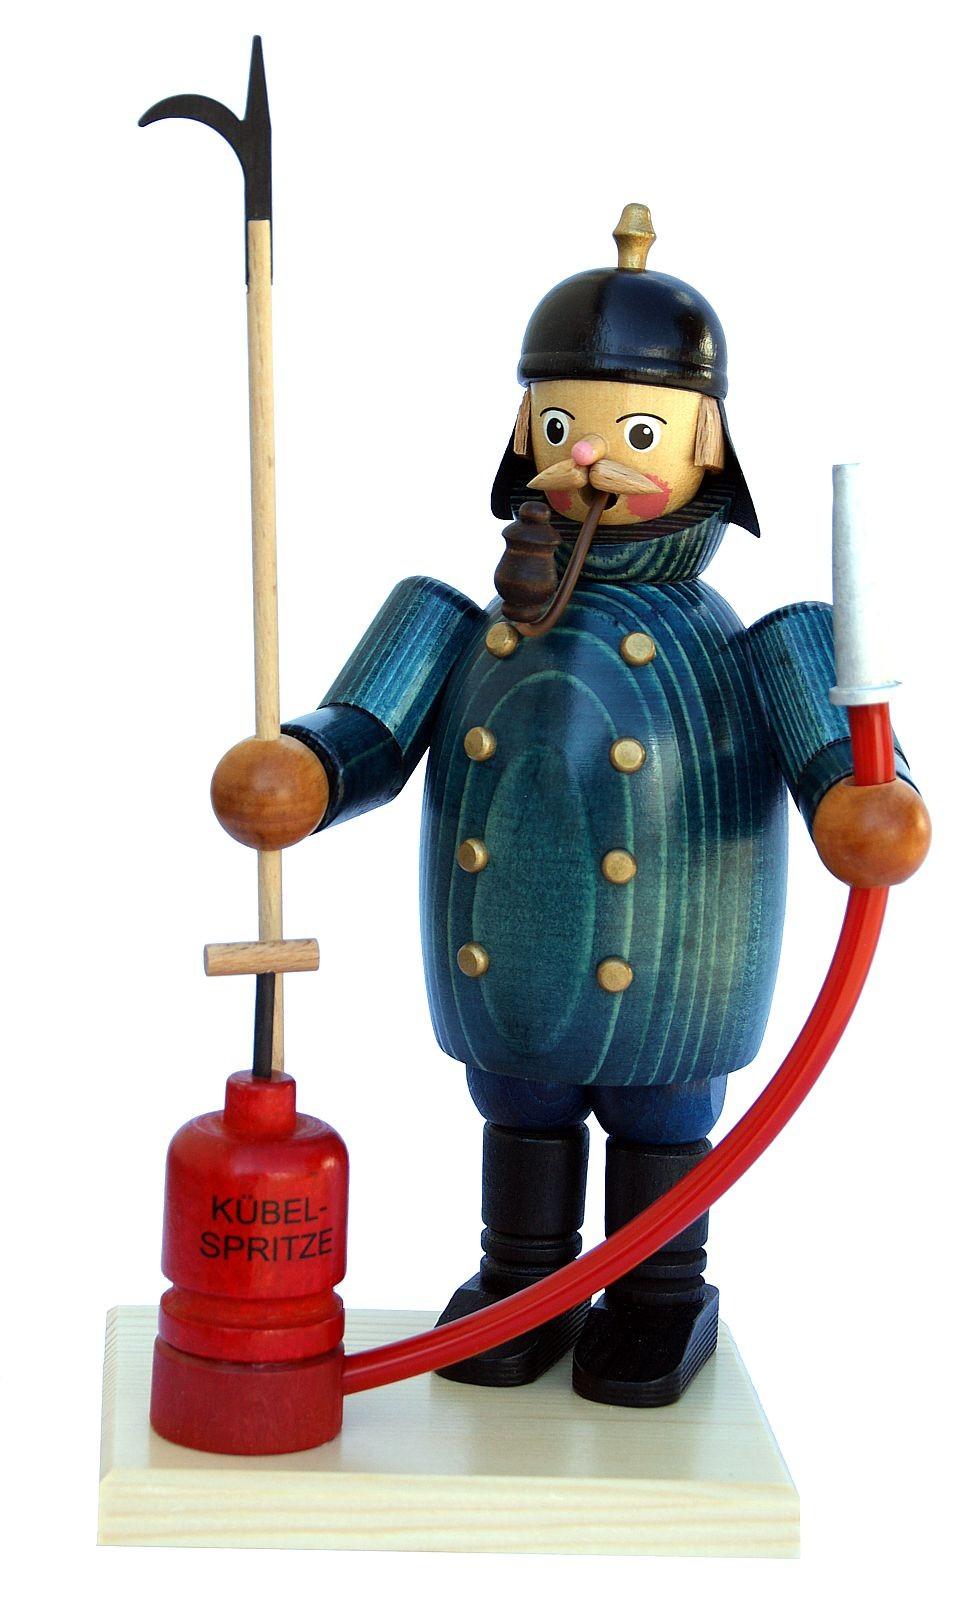 Räuchermann Feuerwehrmann mit Schlauch